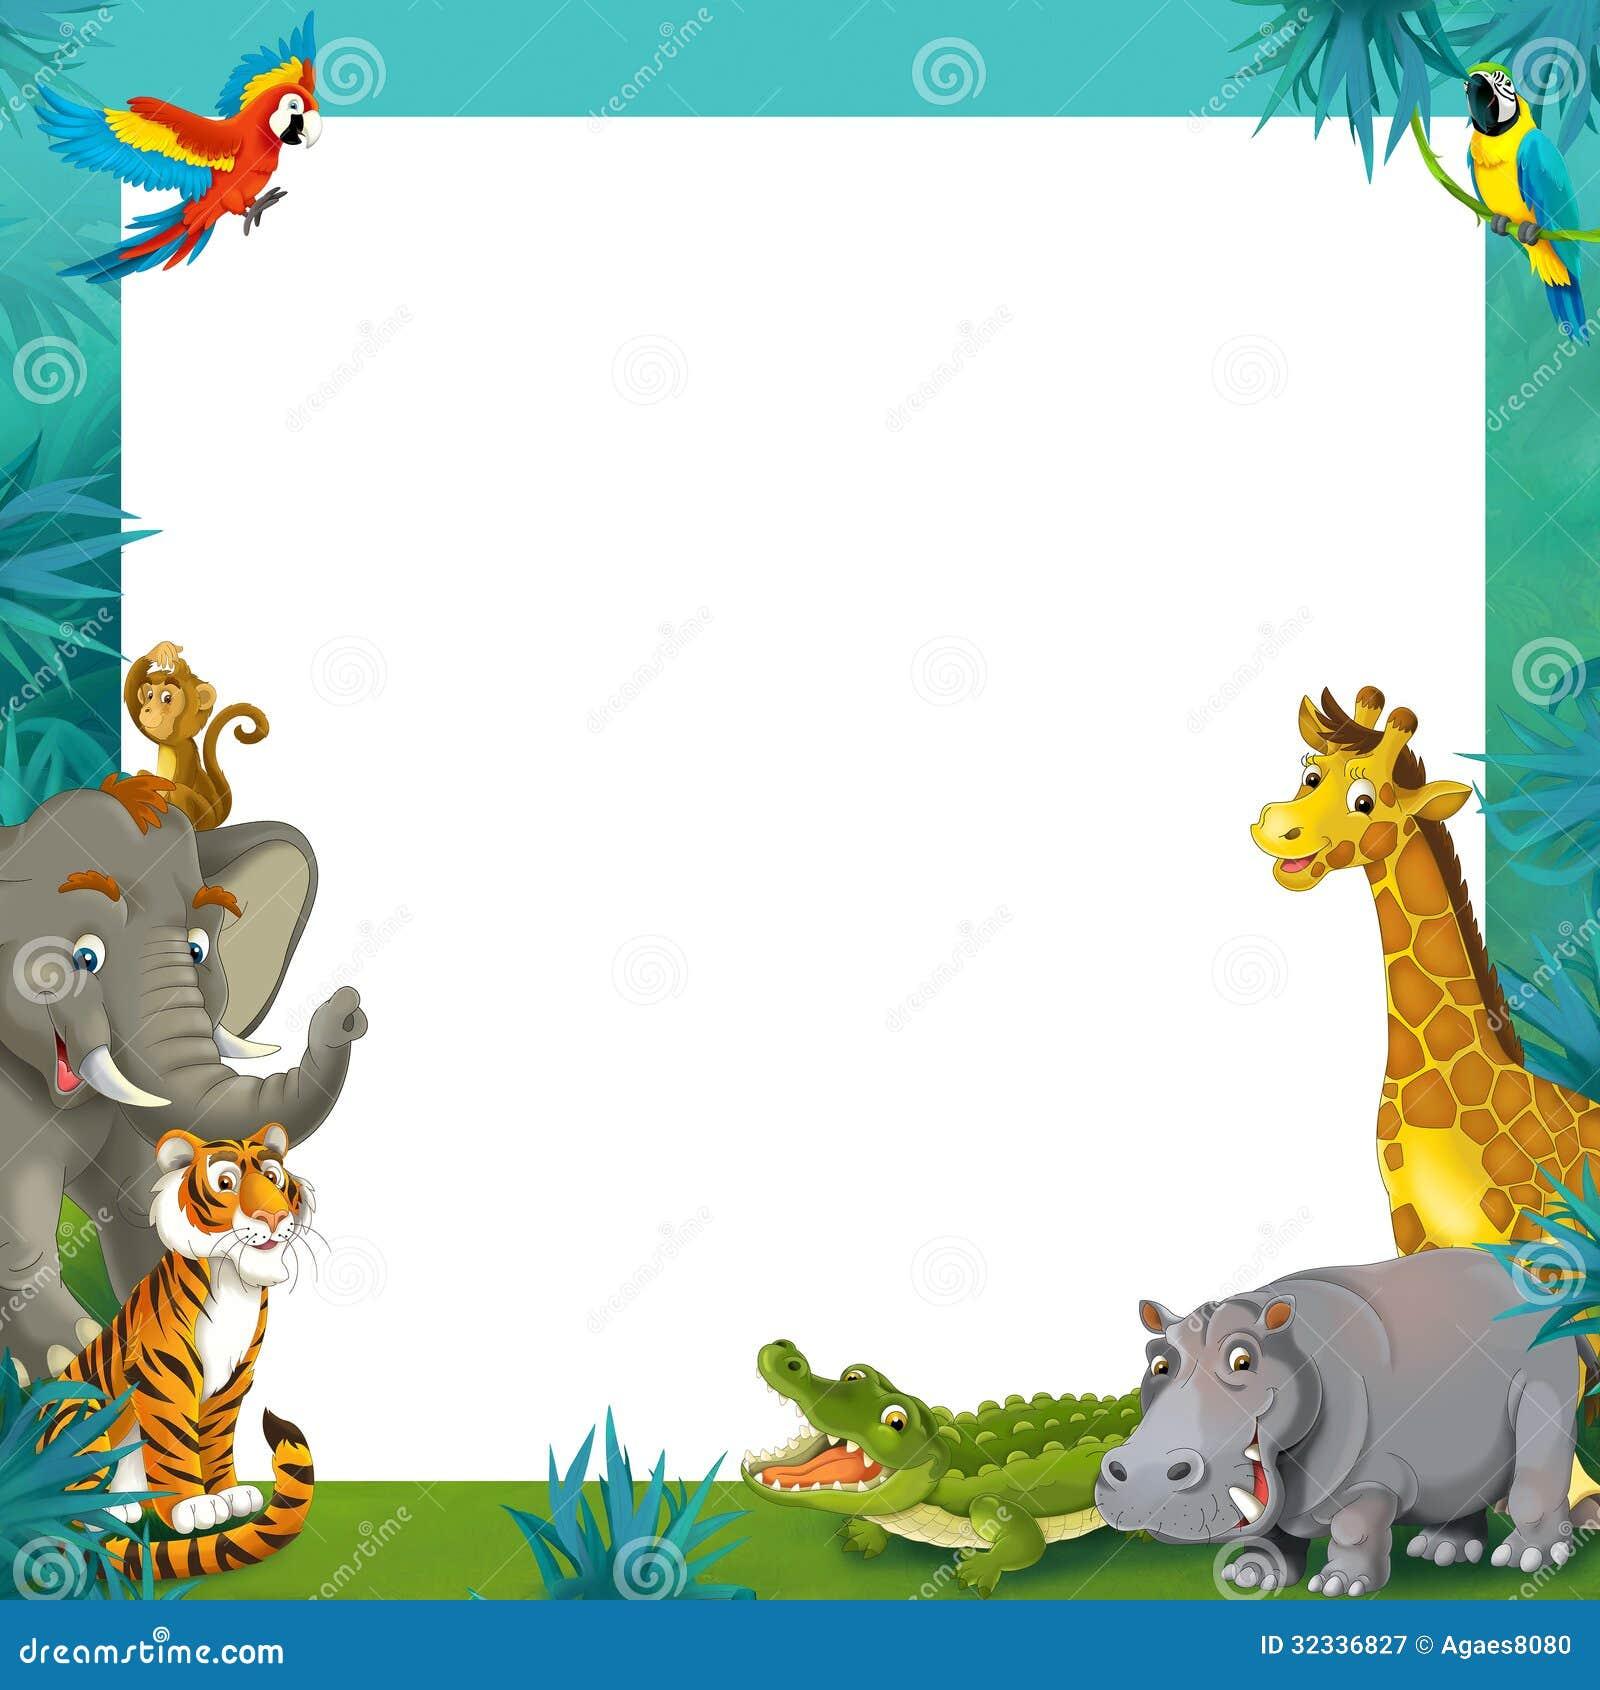 Jungle Border Jungle - frame border